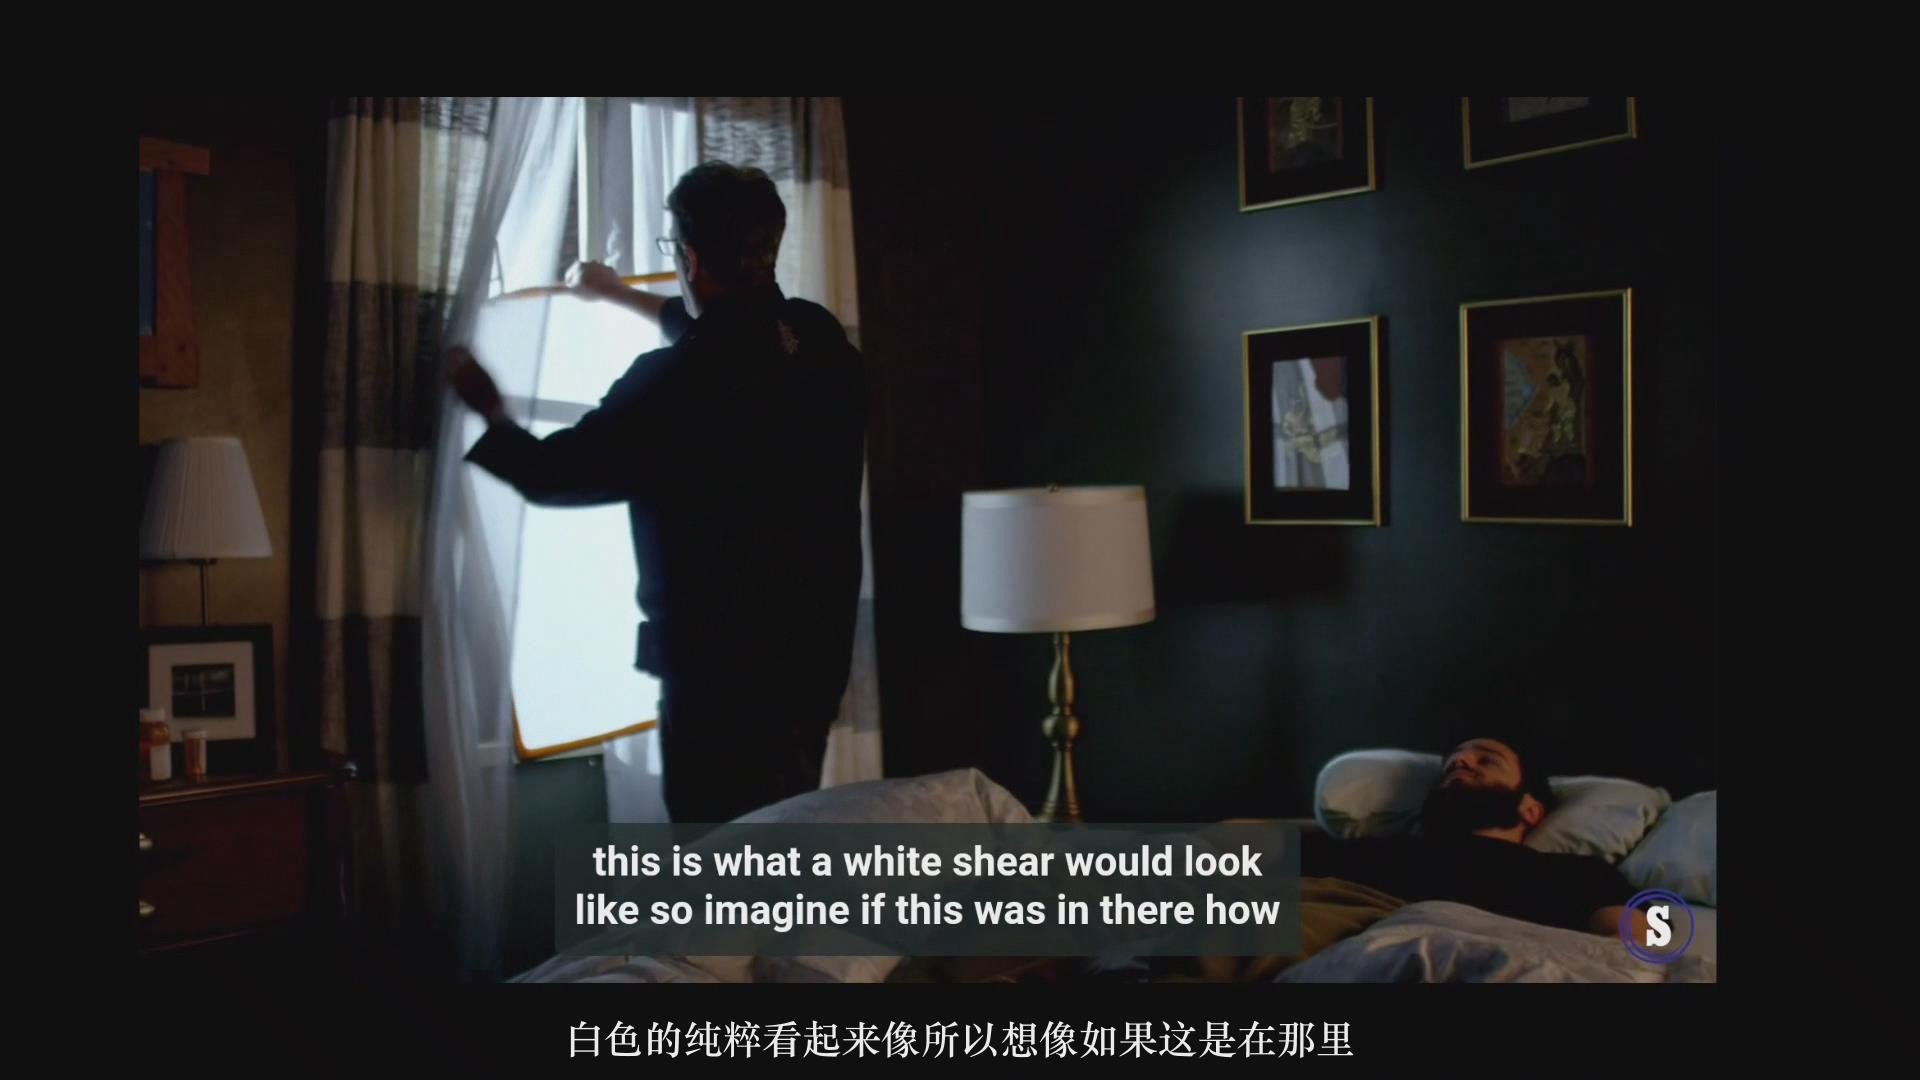 摄影教程_Hurlbut Academy–如何为电影在夜景室内场景布光营造自然外观-中文字幕 摄影教程 _预览图9